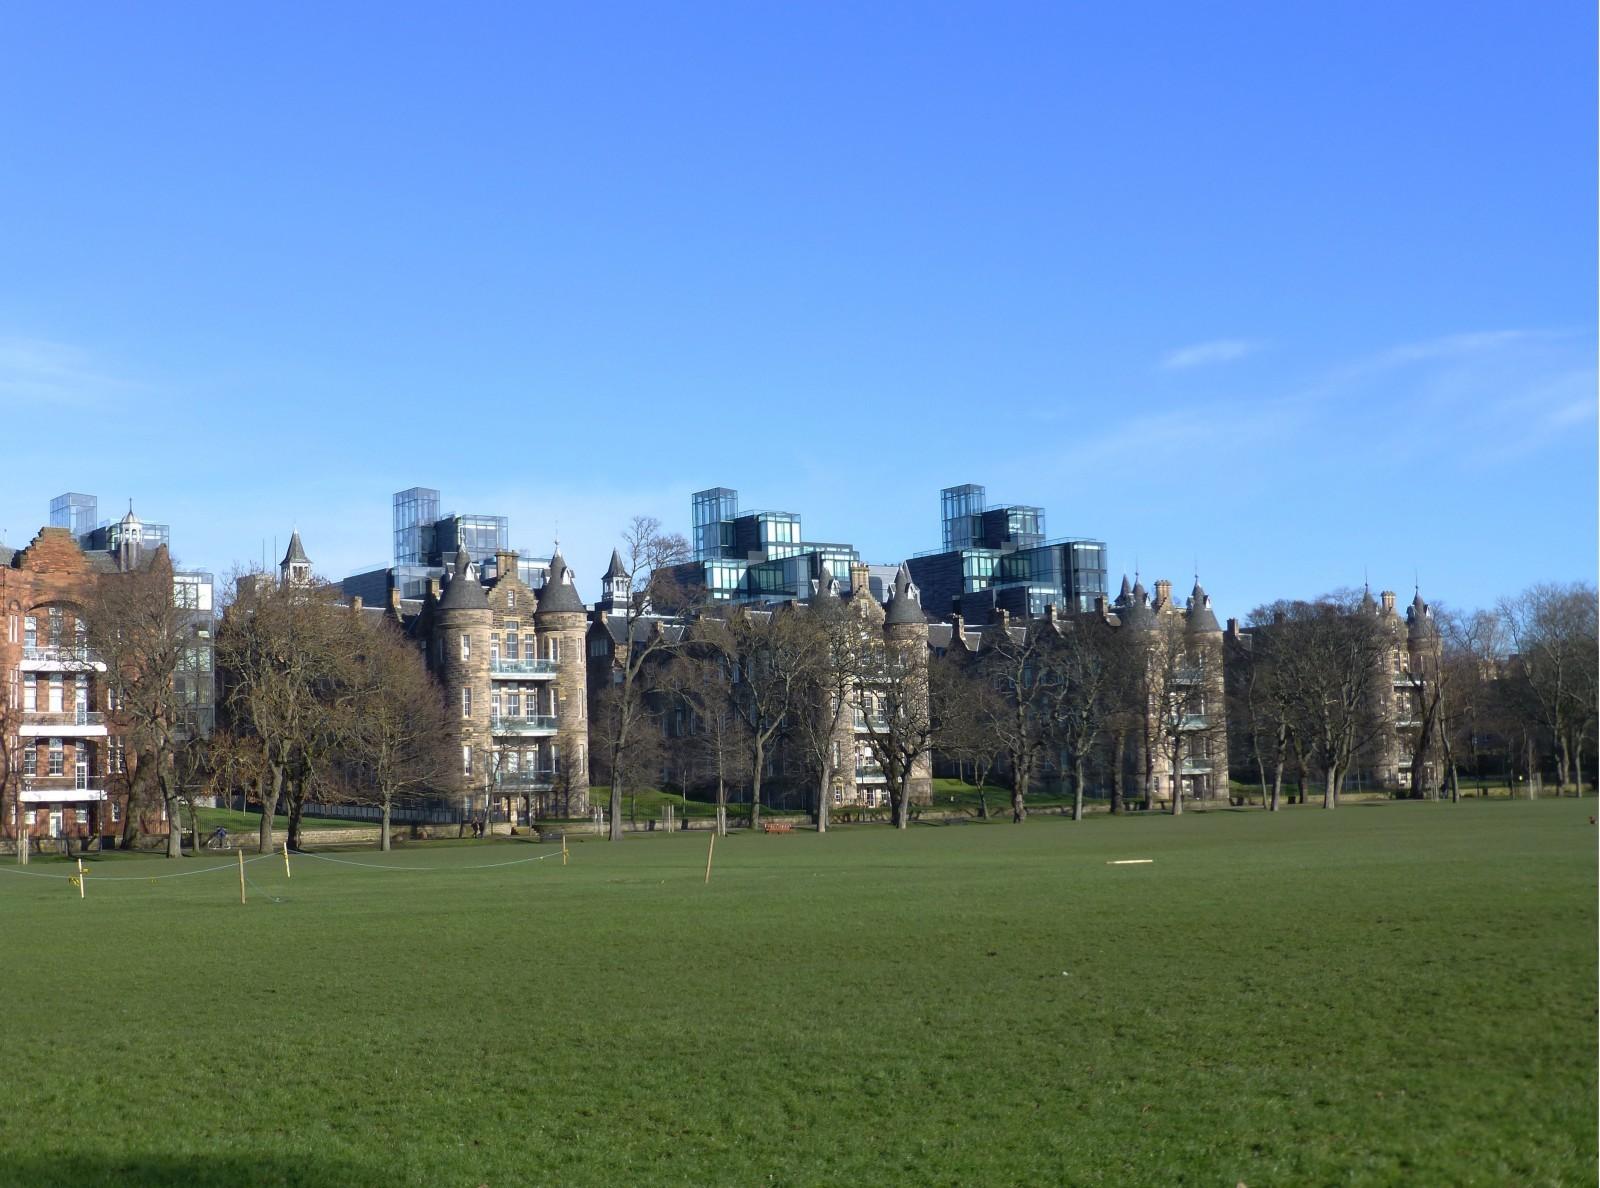 Donnant sur le parc des Meadows à Édimbourg, l'opération de reconversion des bâtiments de l'université (Royal infirmary hospital campus) par Foster+Partners (2003 et sq.) mêle bâtiments anciens et nouveaux dans une proximité subversive. © Th. Jeanmonod.